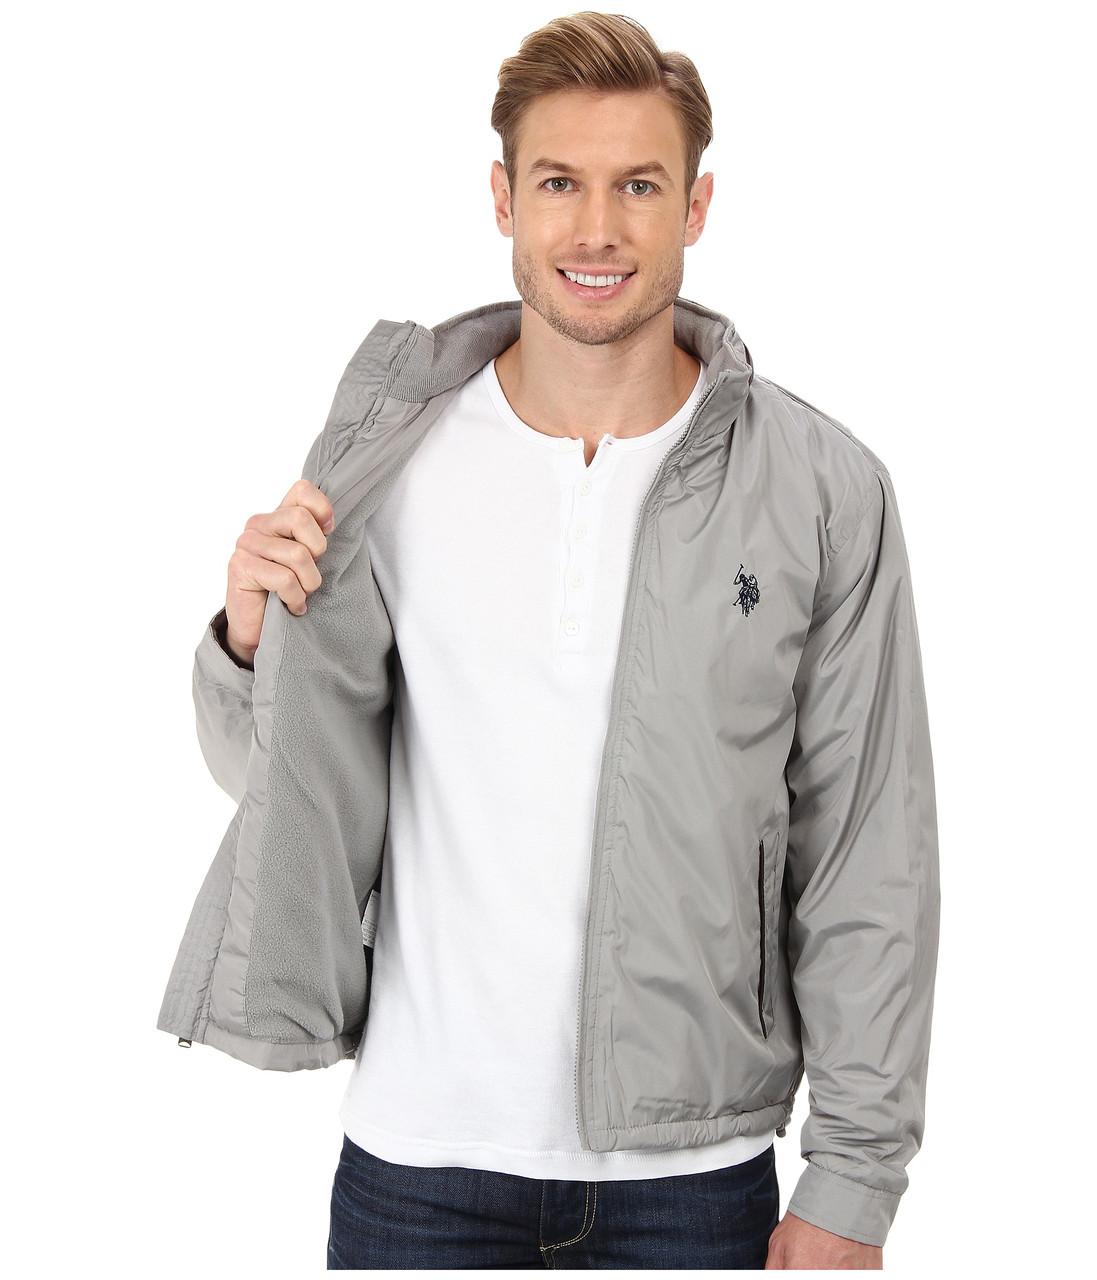 Куртка US Polo Assn ЮС Поло Ассн арт